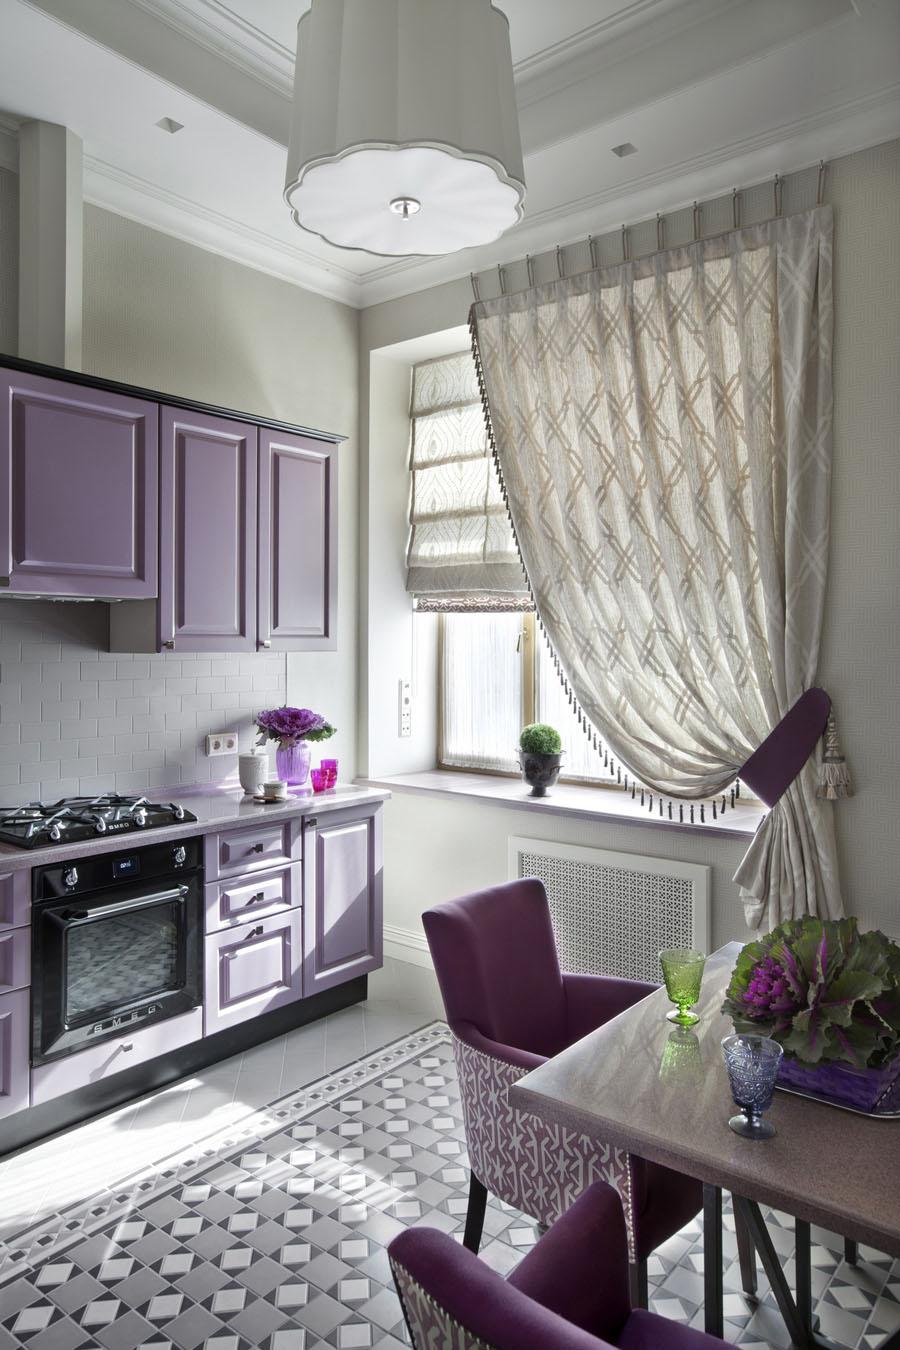 кухня в стиле прованс 24 фото идеи сплошное очарование